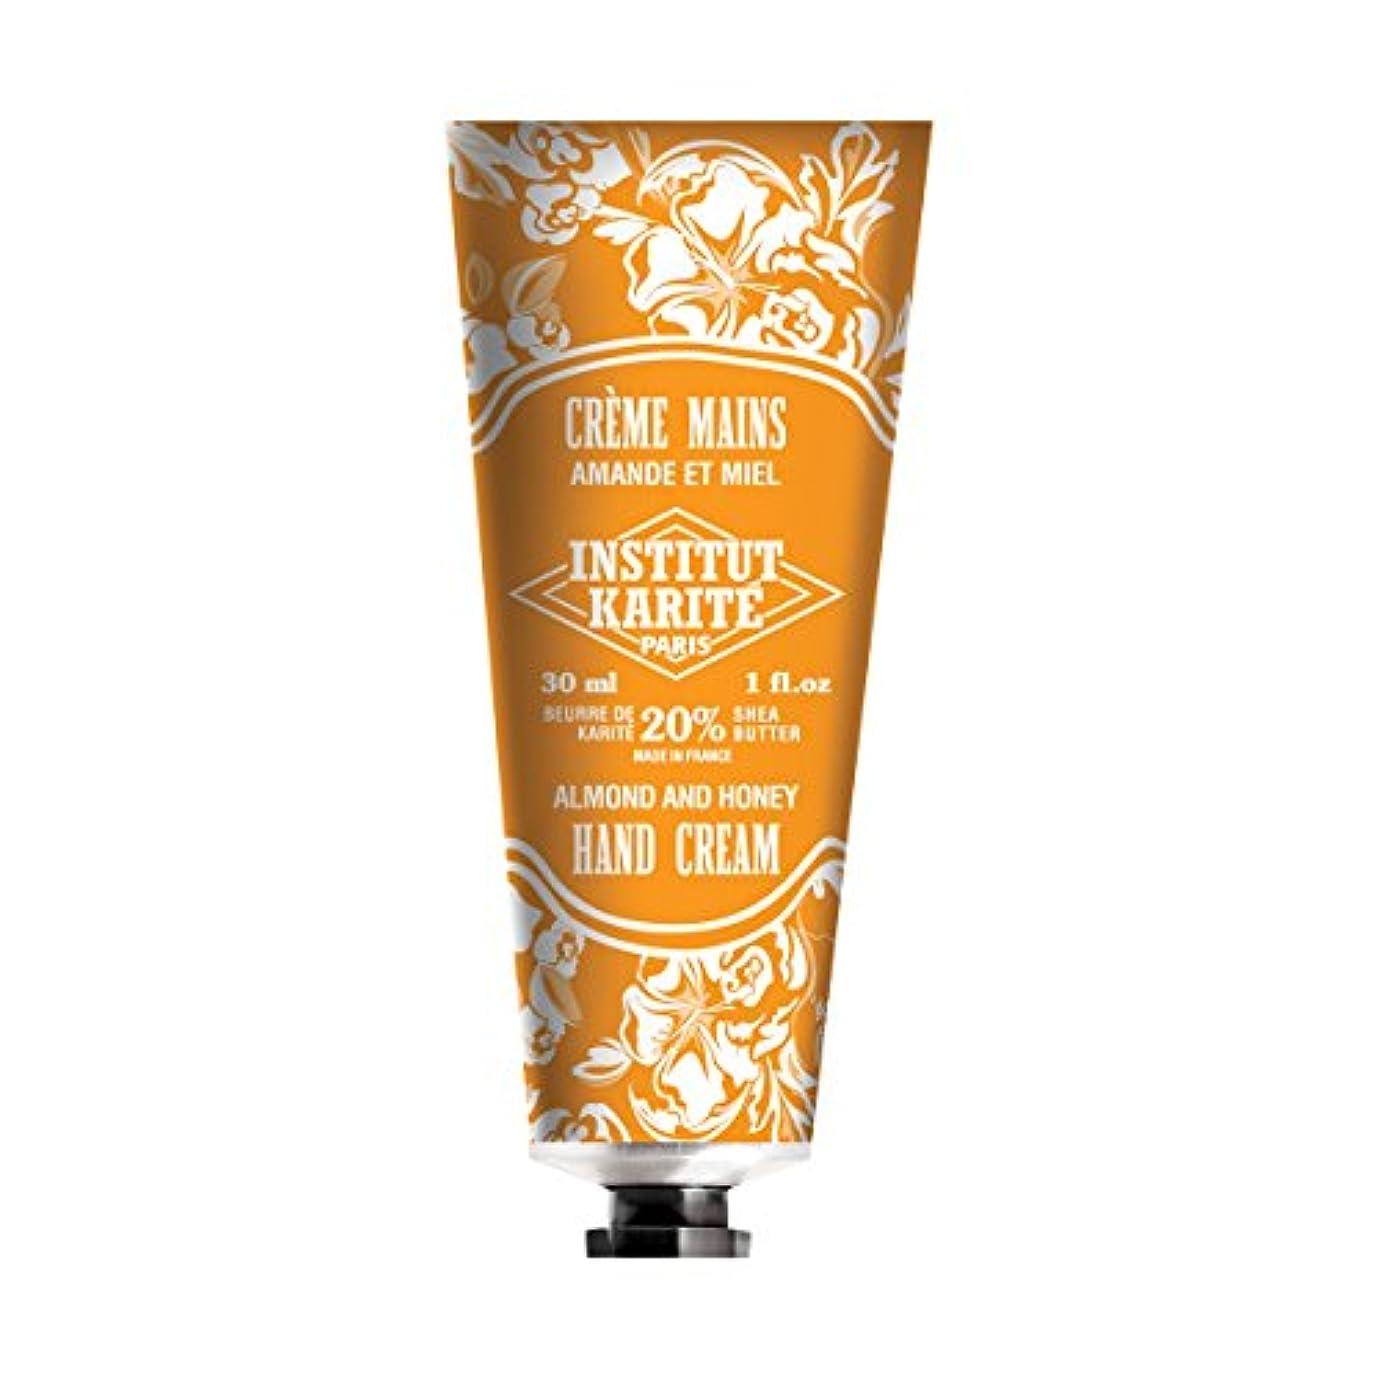 発表する振りかける科学的INSTITUT KARITE インスティチュート カリテ Hand Cream 30ml(ハンドクリーム)AMANDE ET MIEL アーモンドハニー